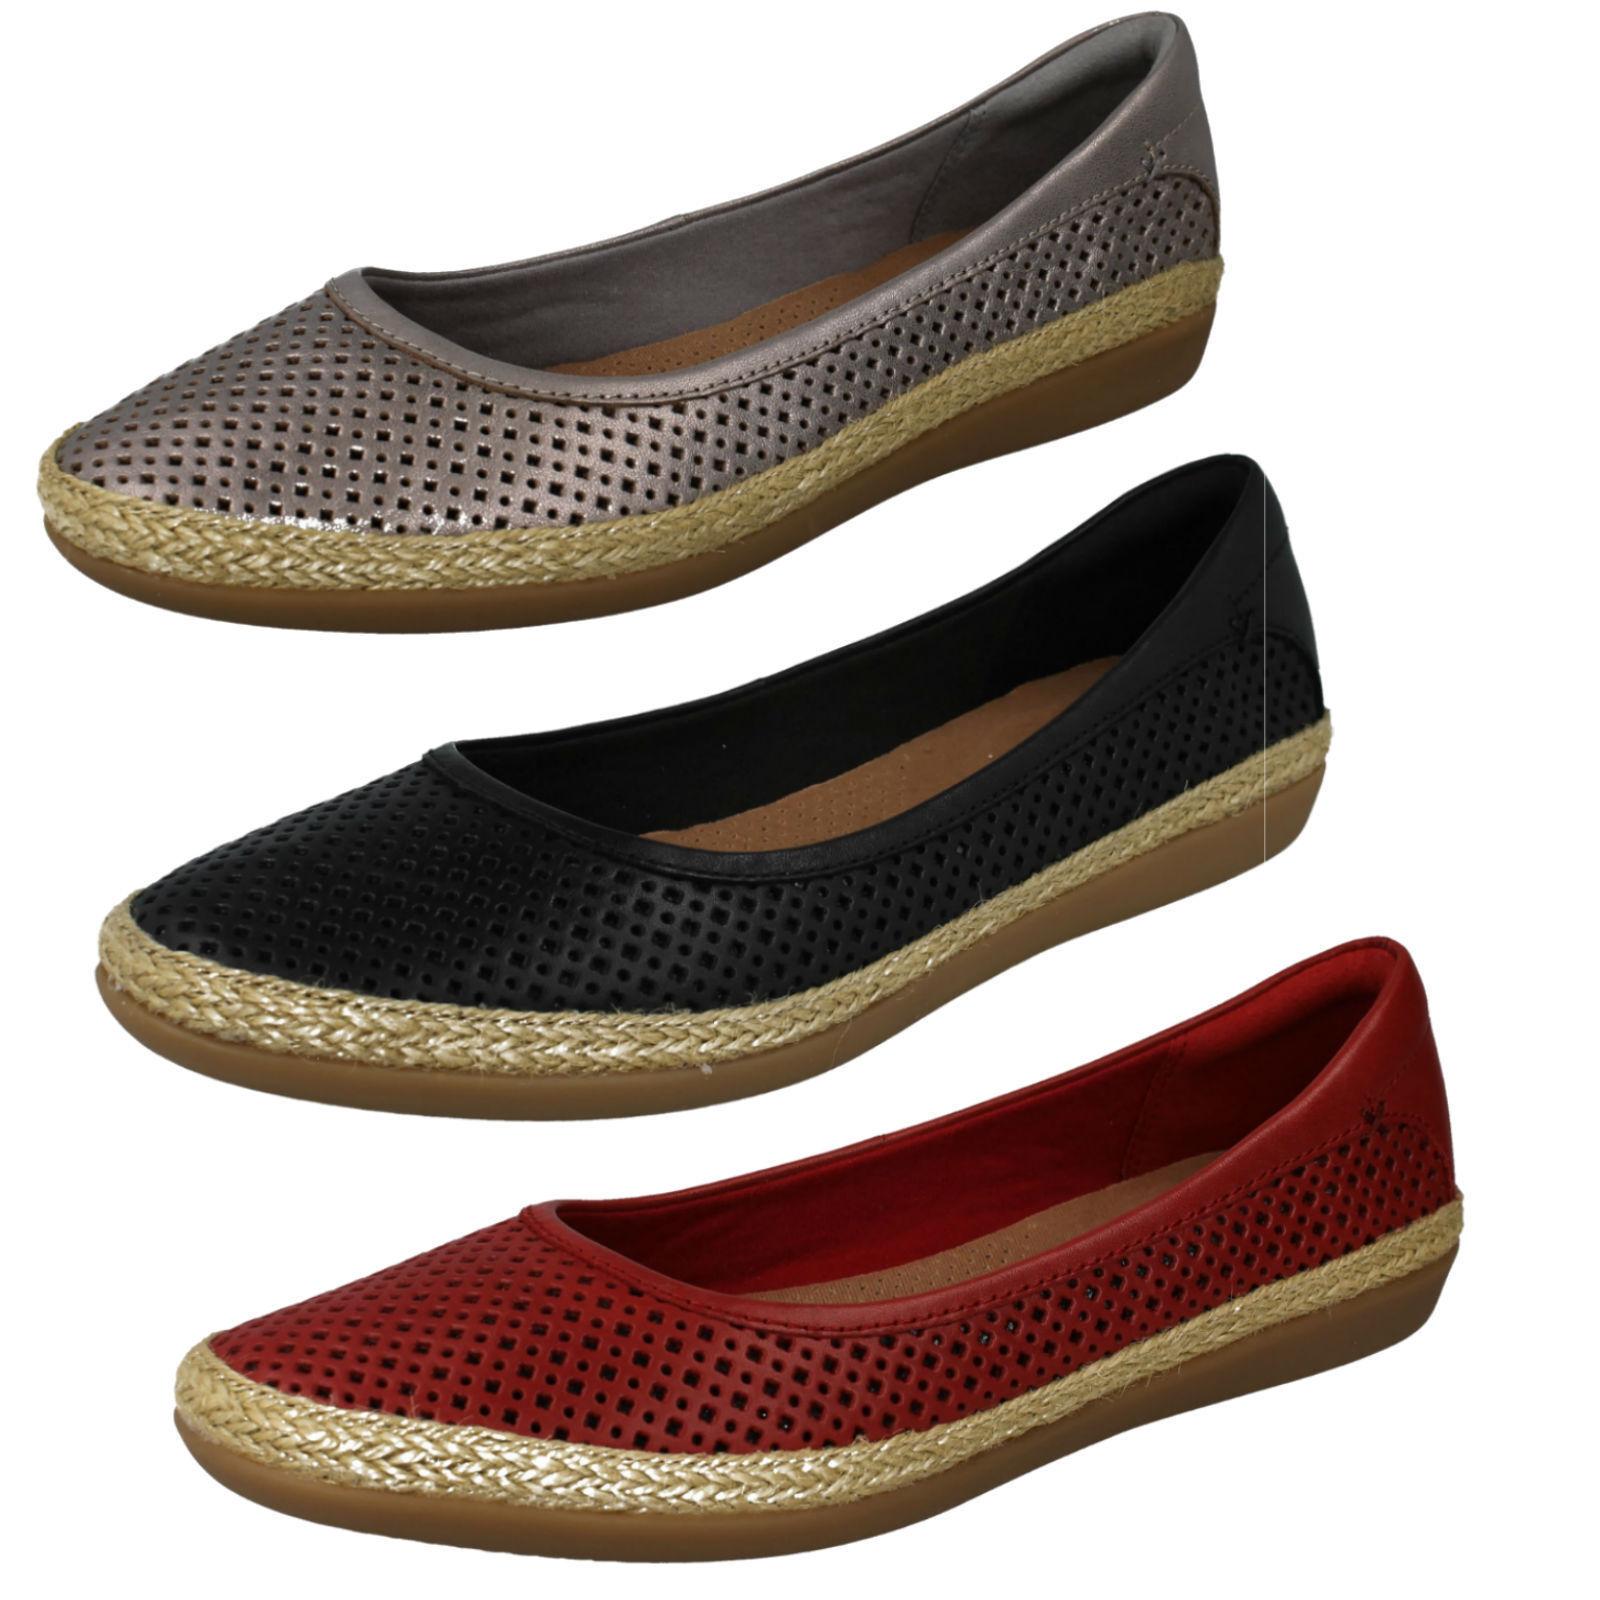 Damas Clarks Danelly Adira Cuero Inteligente Resbalón Resbalón Resbalón en Zapatos D Ajuste  buscando agente de ventas